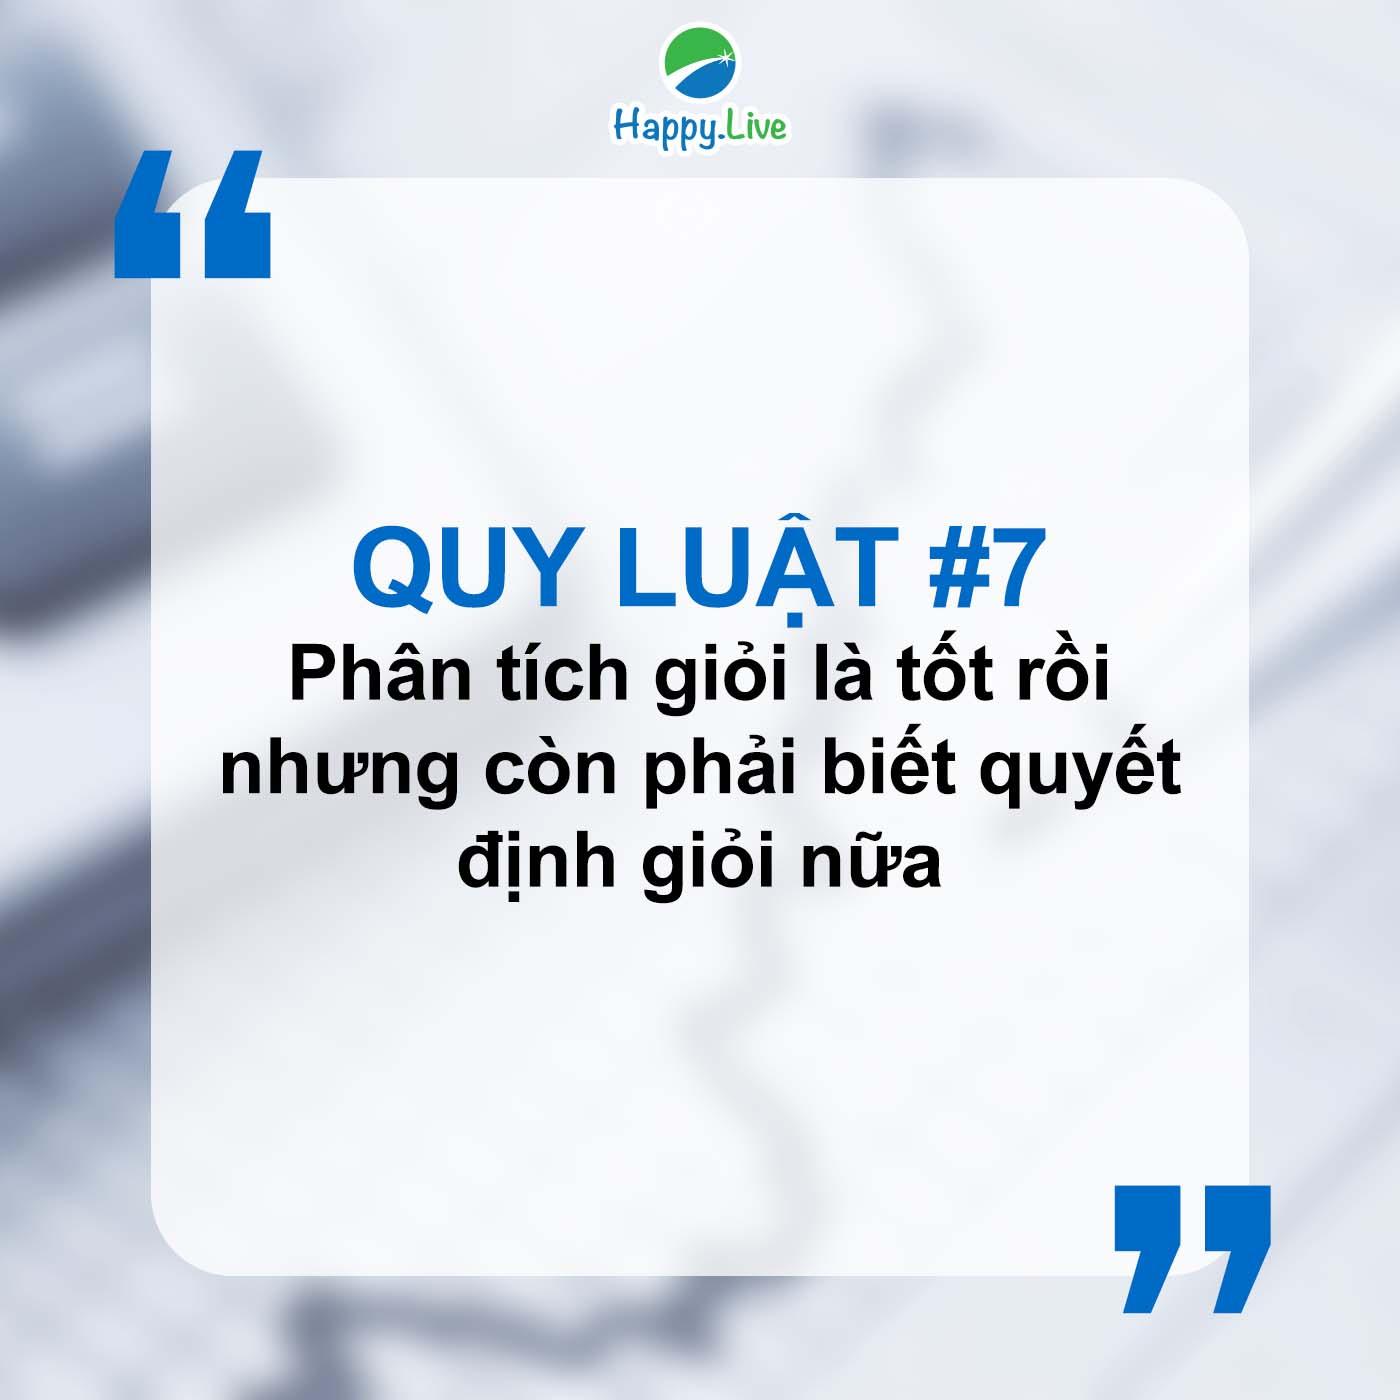 21 quy luật có thể áp dụng trên tất cả các thị trường chứng khoán từ Mỹ đến Việt Nam